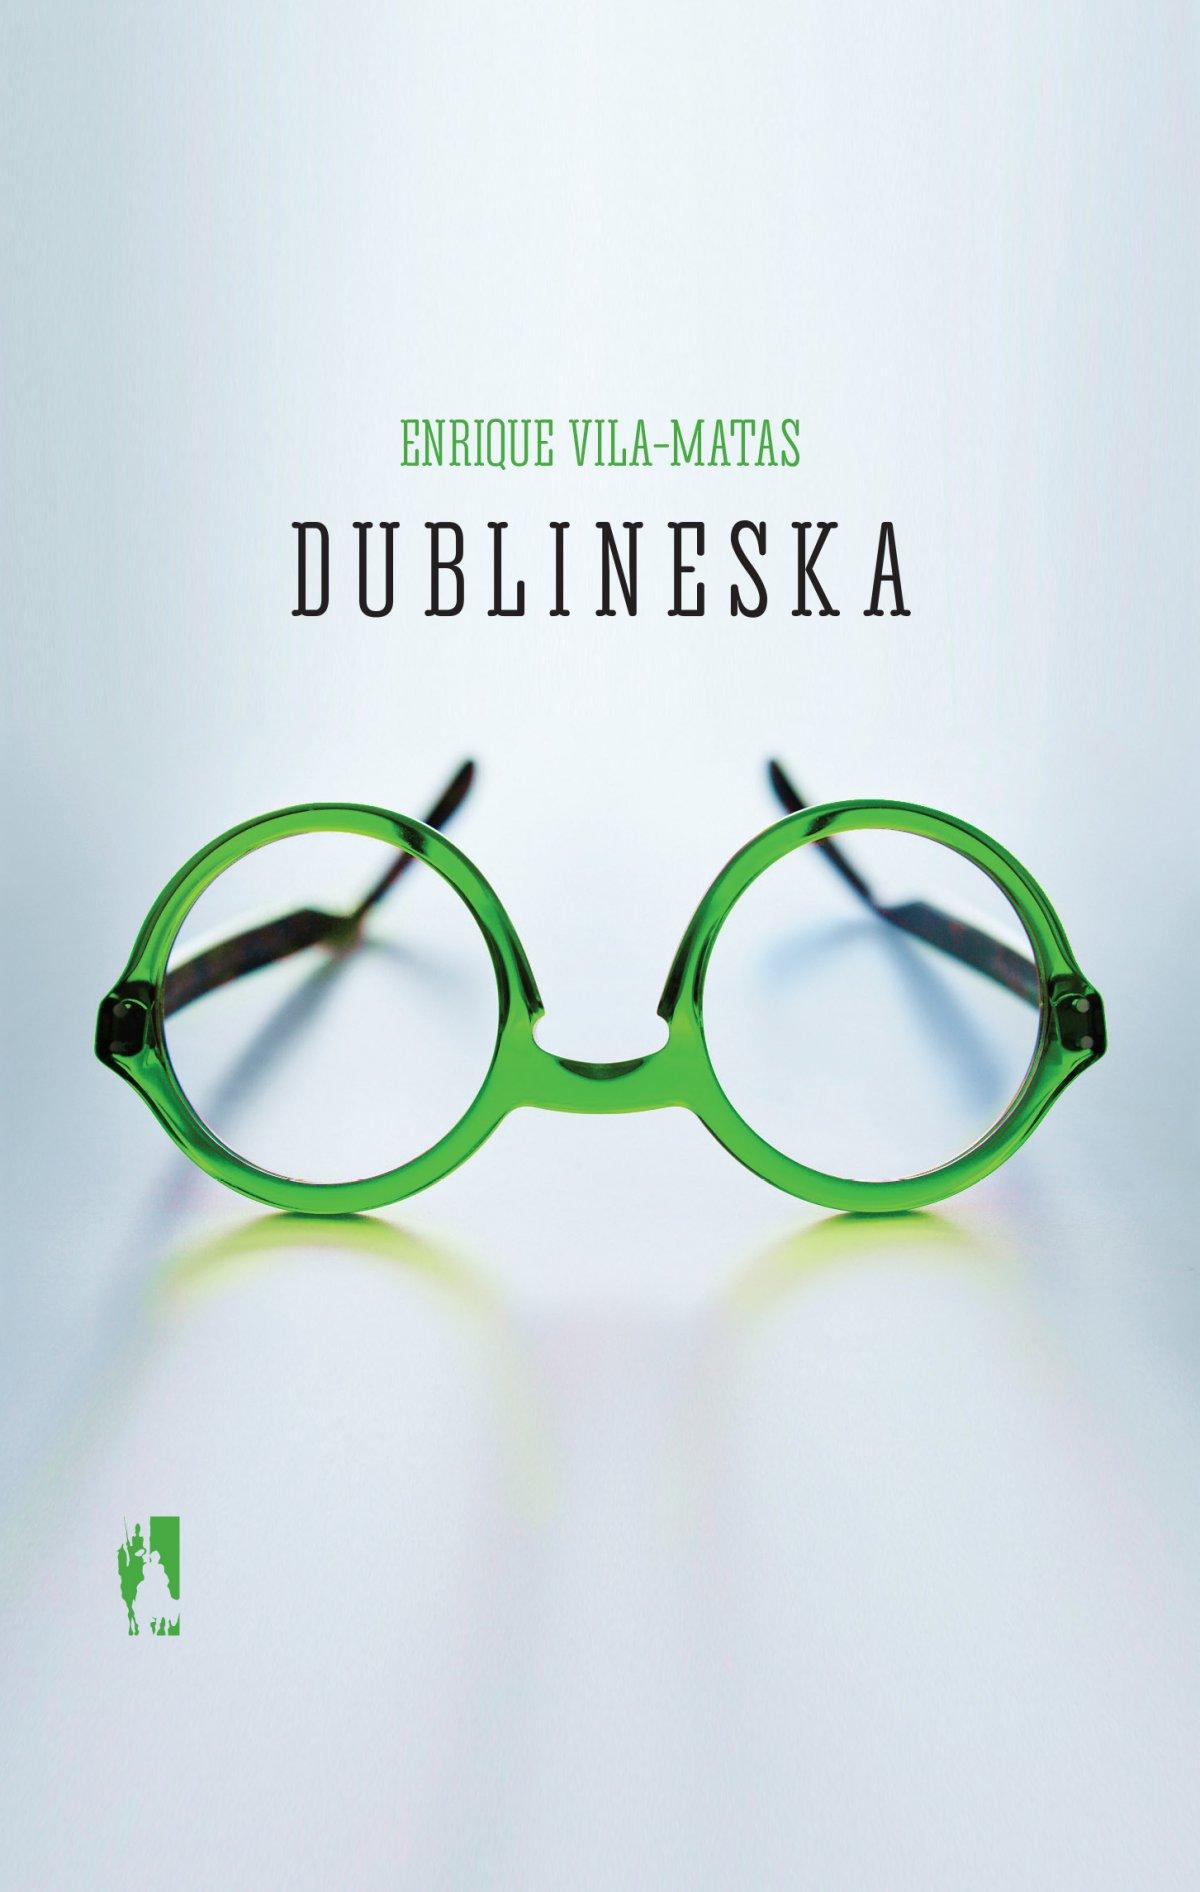 Dublineska - Ebook (Książka EPUB) do pobrania w formacie EPUB